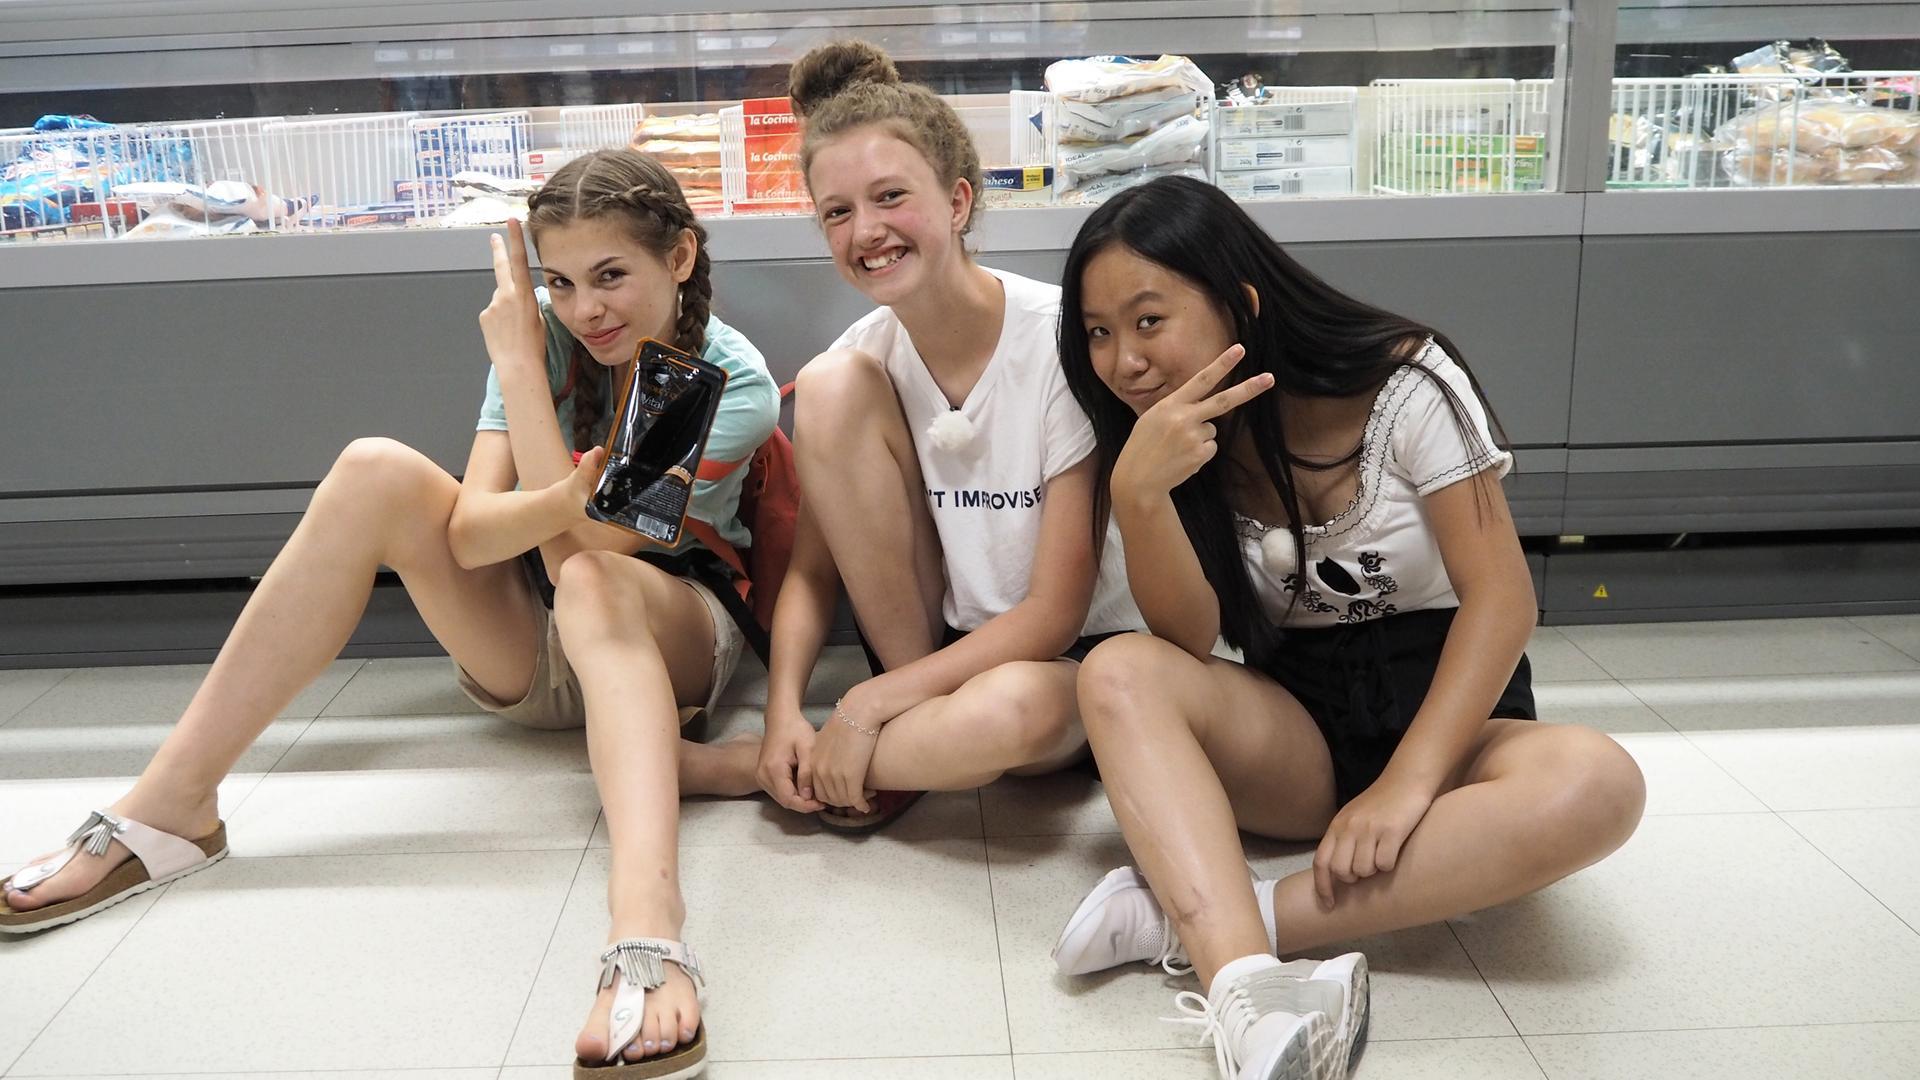 Die Mädchen Wg Folge 2 Shoppen Zdfmediathek